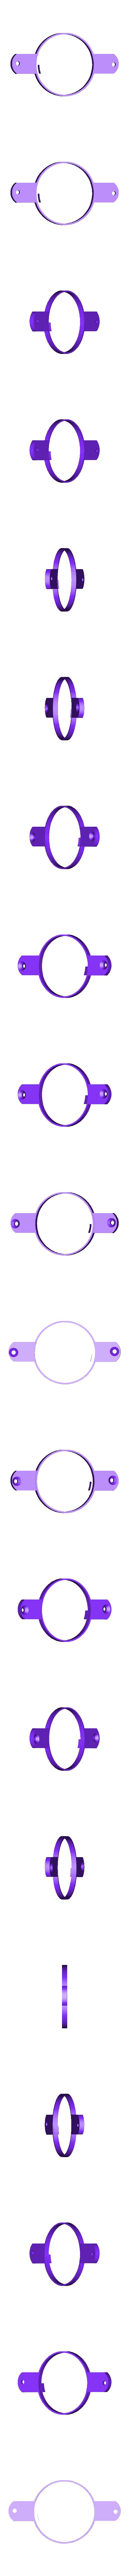 guide dremel.stl Download free STL file vann • 3D print object, vannieudj2